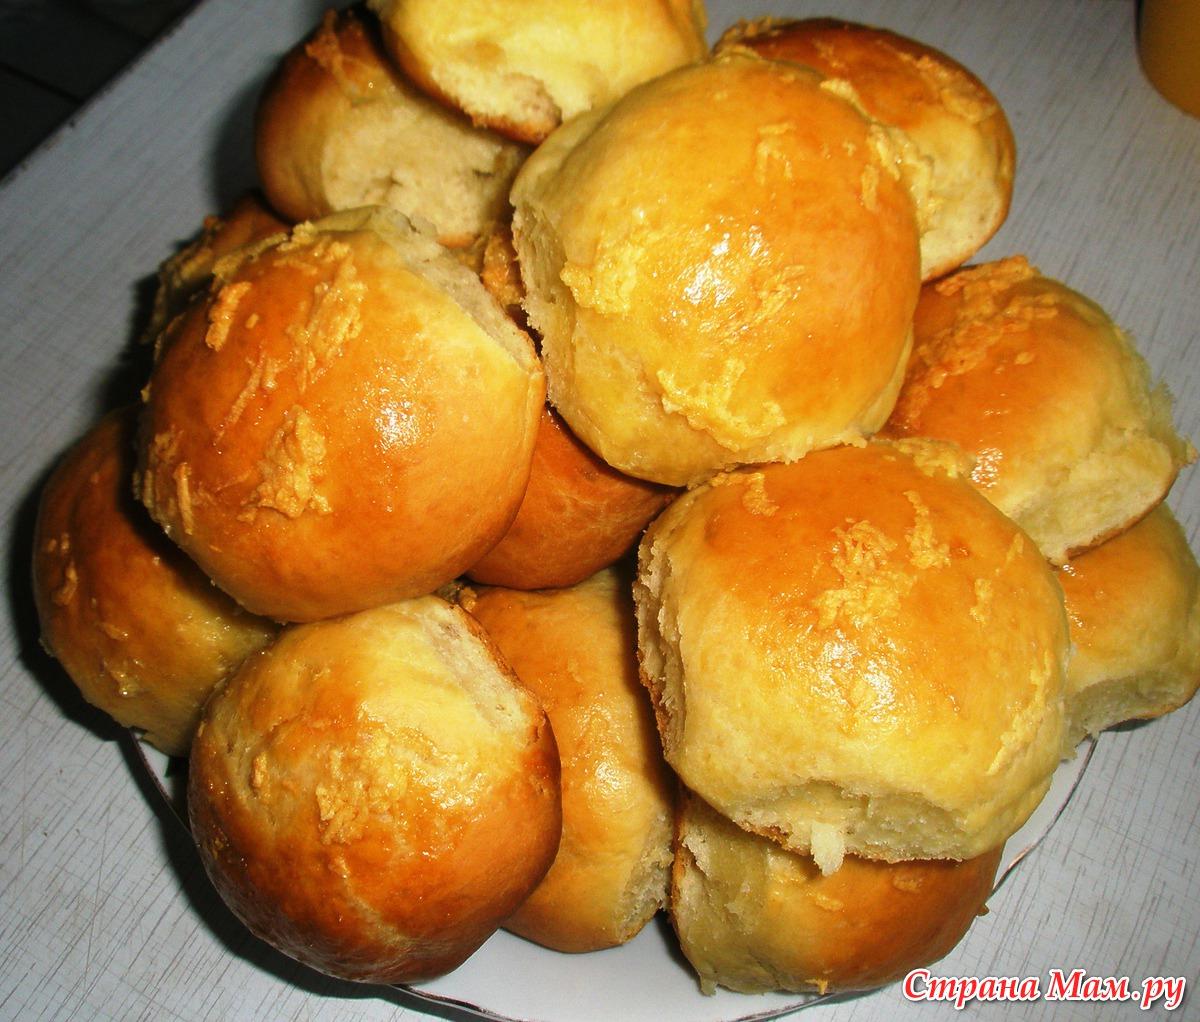 Пампушки к борщу с чесноком пошаговый рецепт с фото